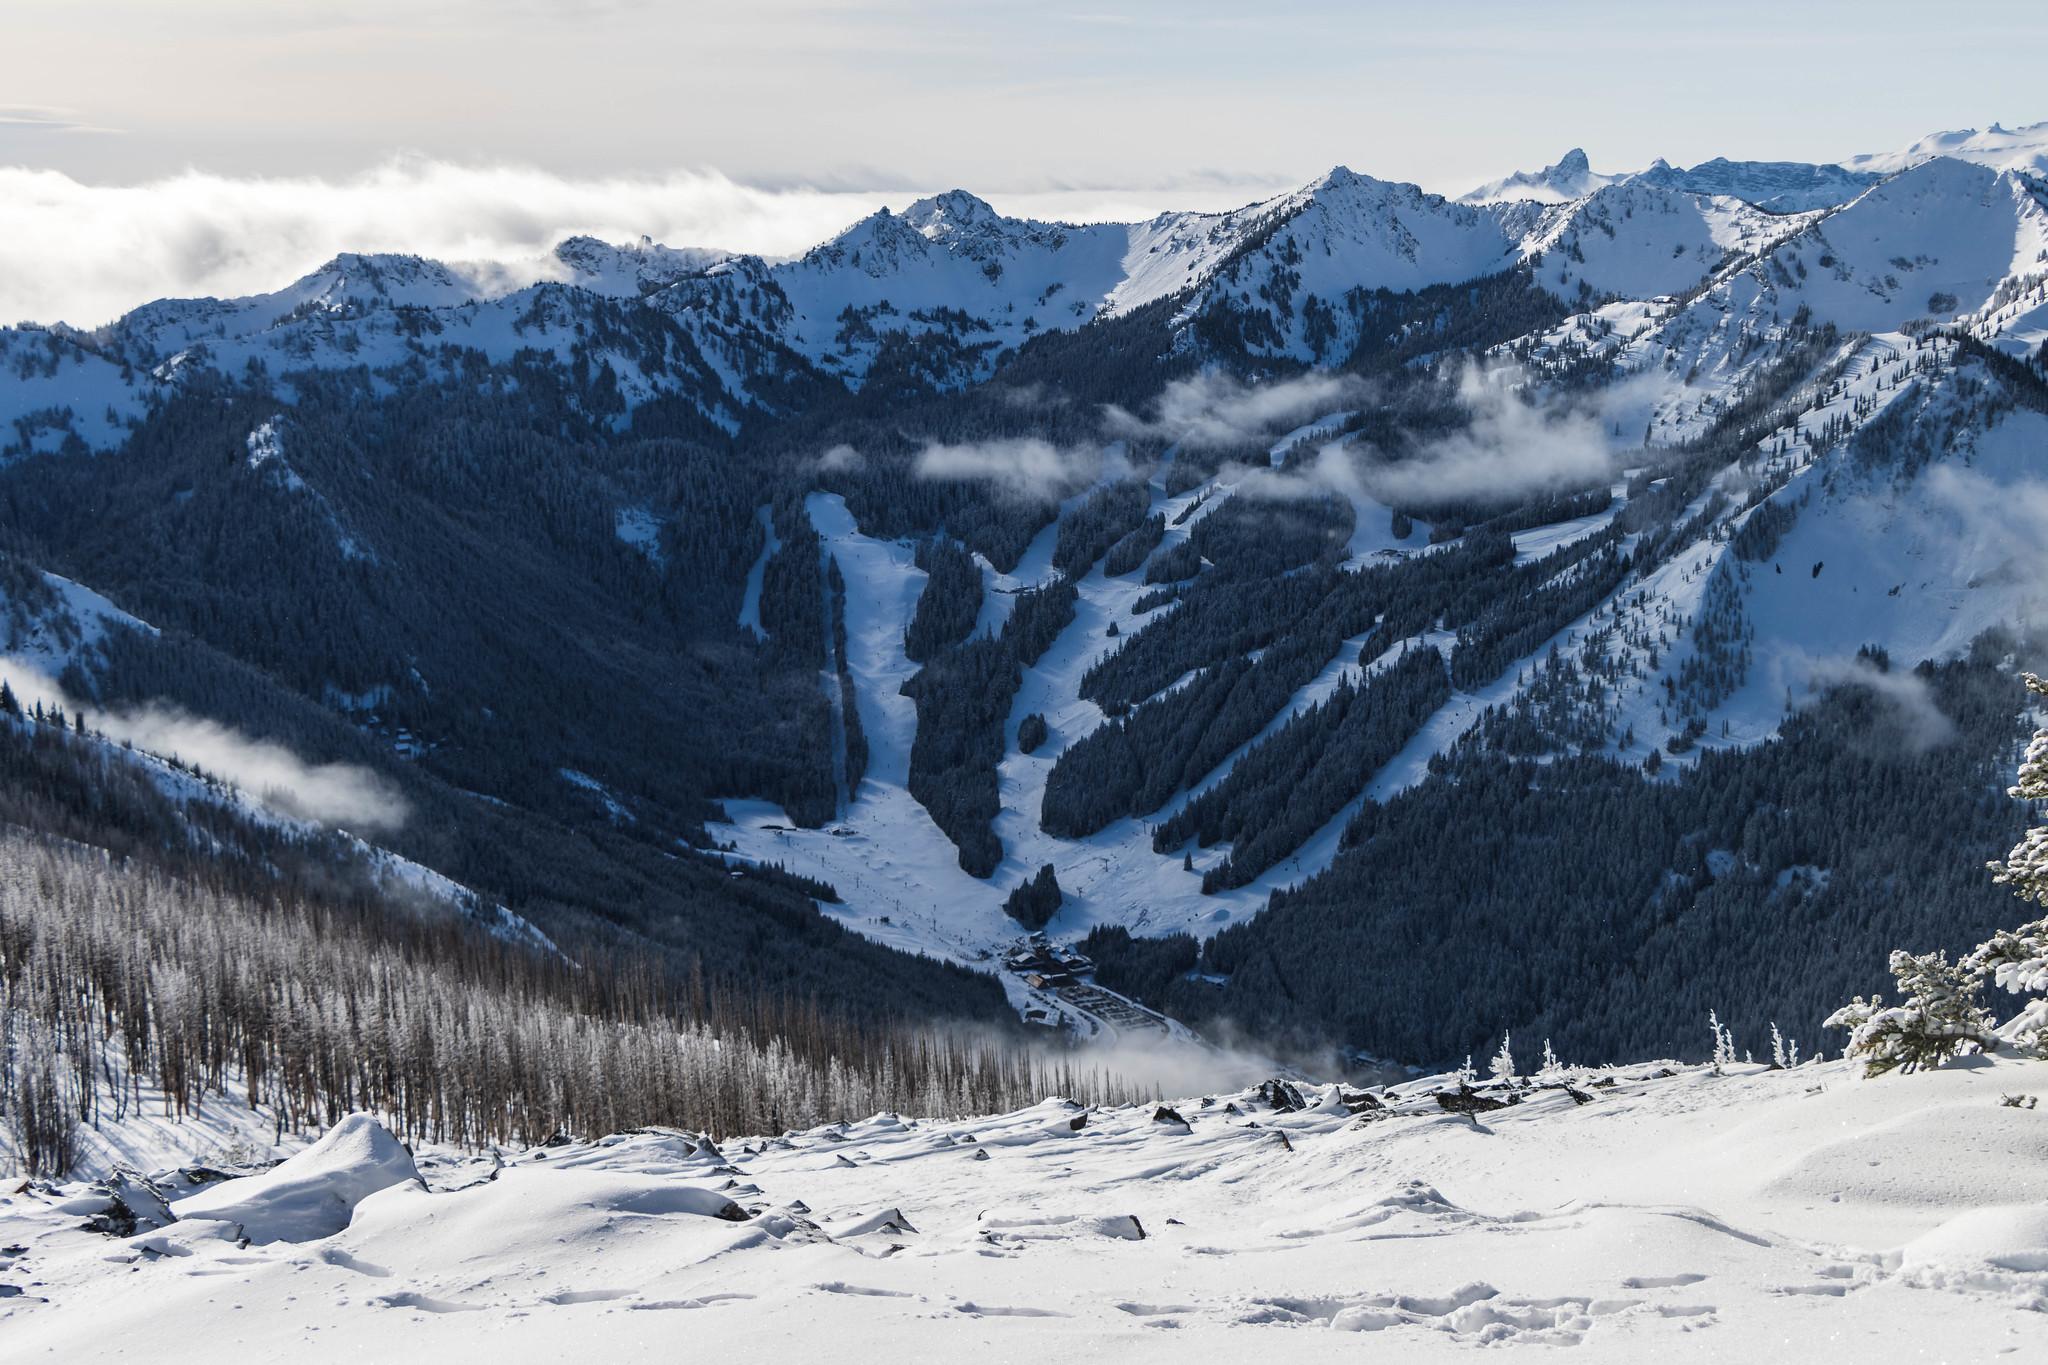 Crystal Mountain Ski Resort south of Norse Peak